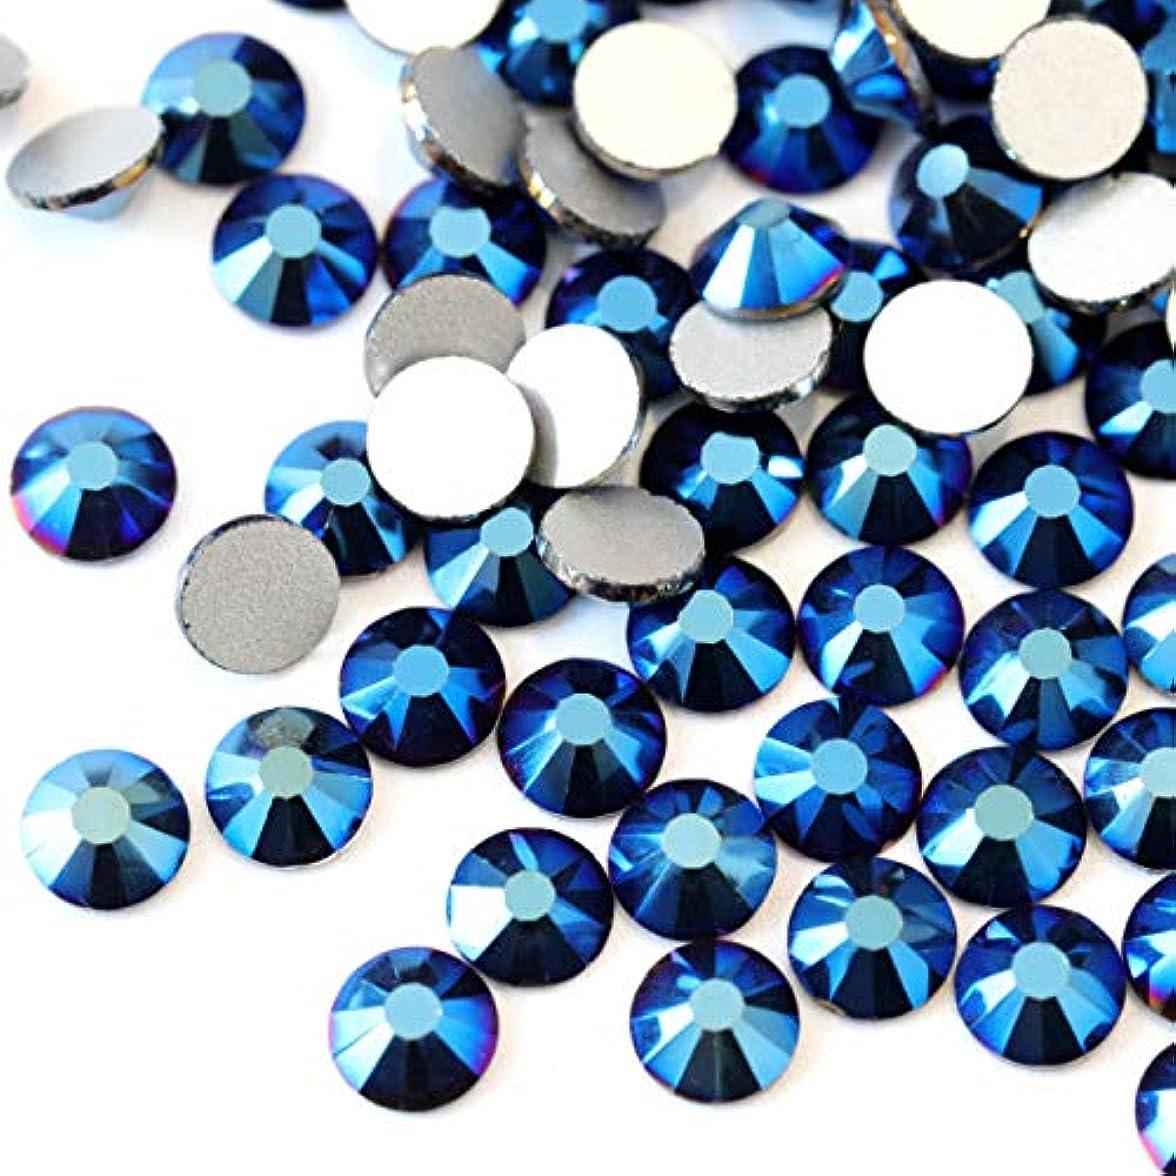 雨掃除結び目【ラインストーン77】高品質ガラス製ラインストーン 色/サイズ選択可 SS3~SS50 スワロフスキー同等 (メタリックブルー, SS16:約4.0mm(約150粒))